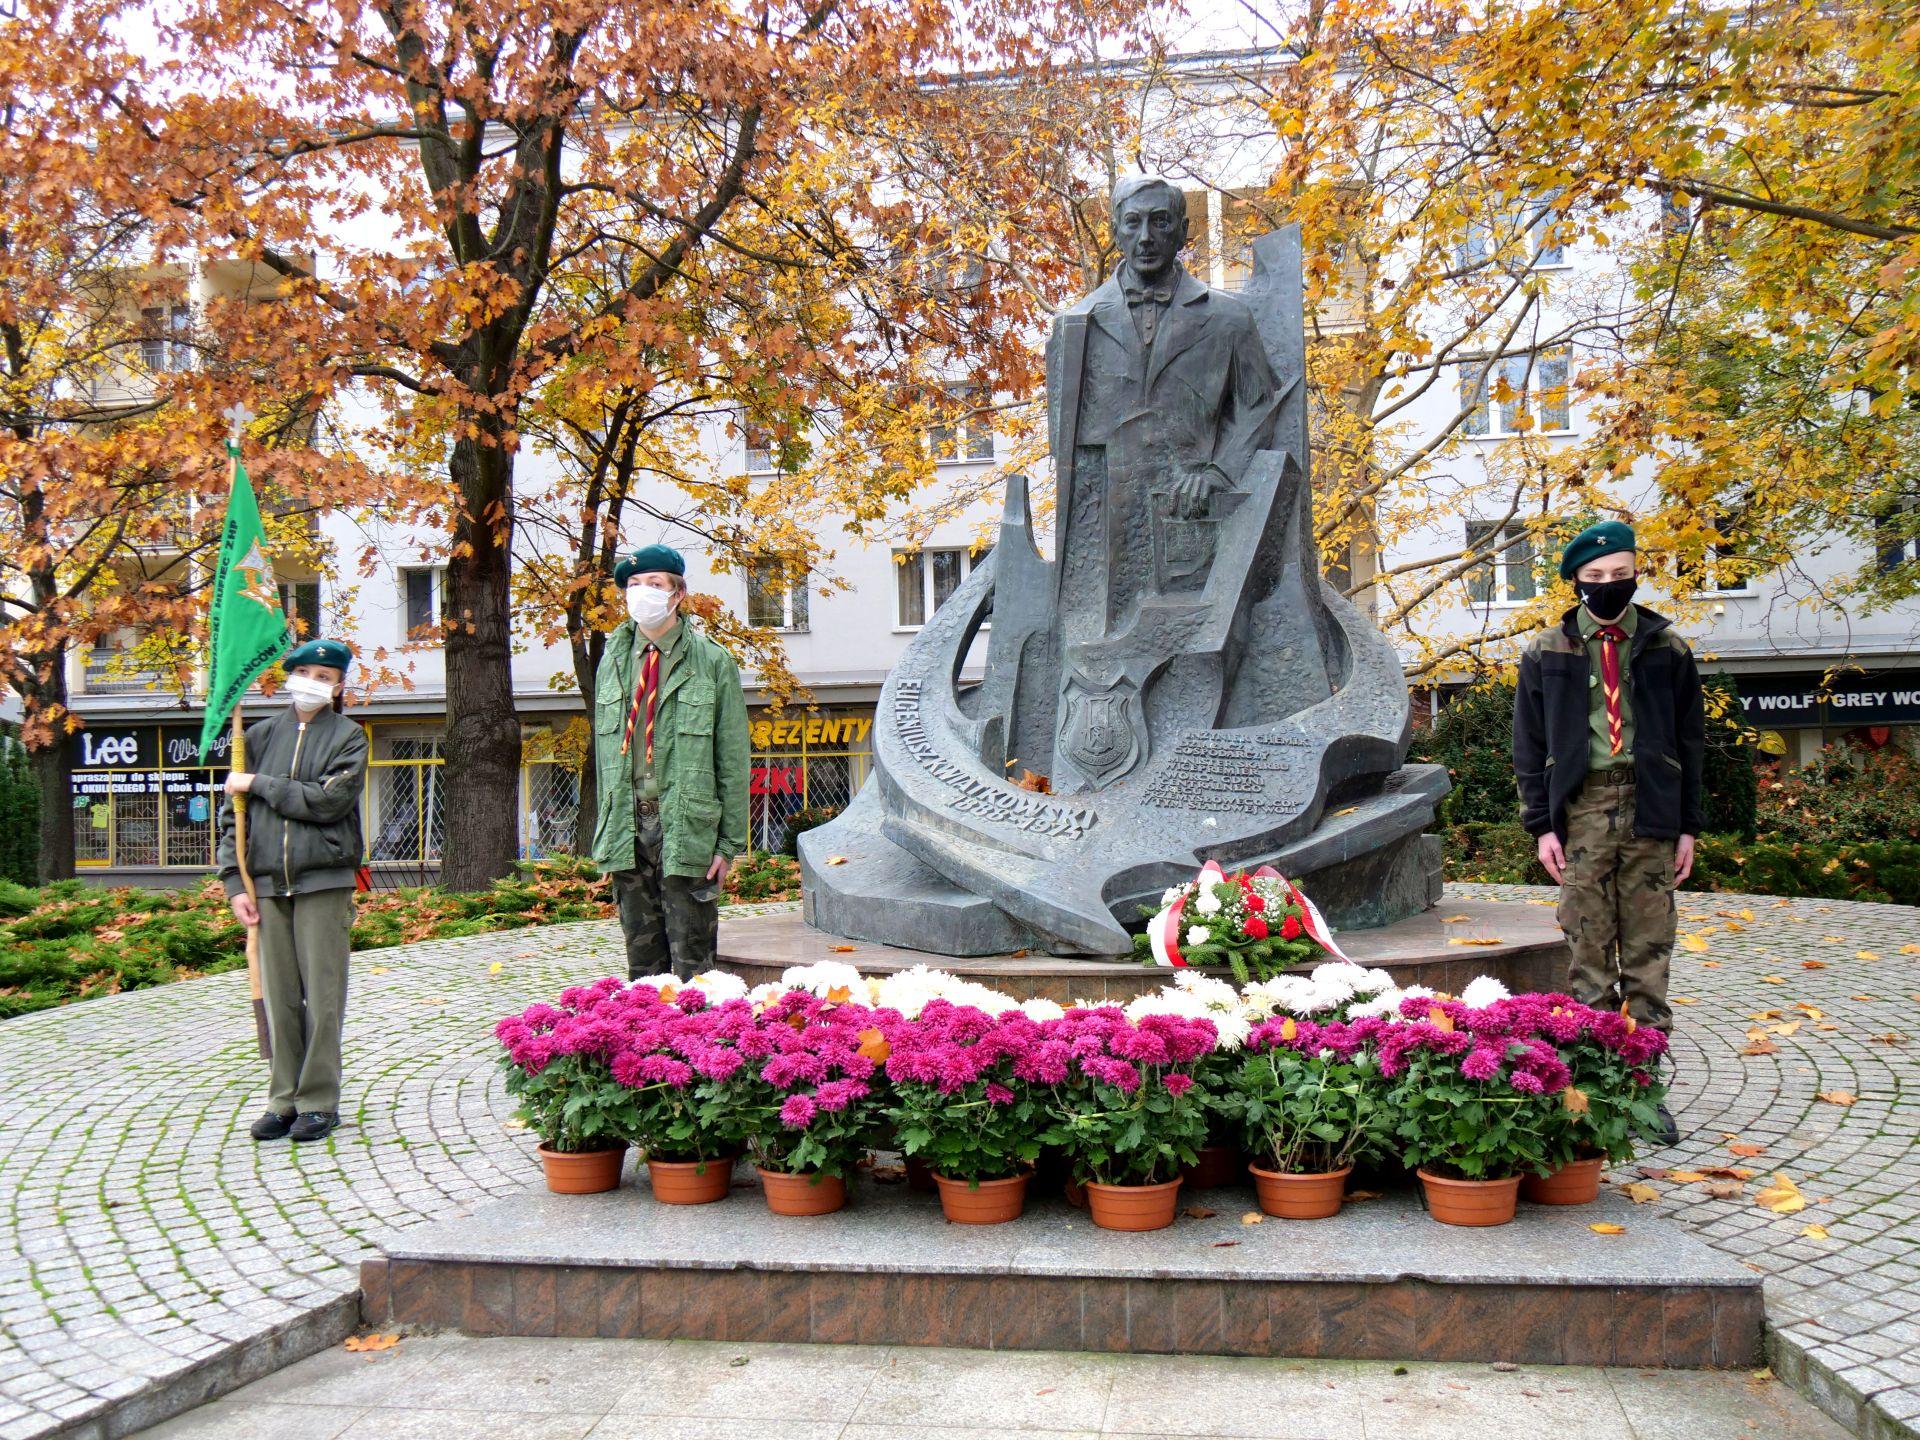 pomnik, kwiaty, wiele osób